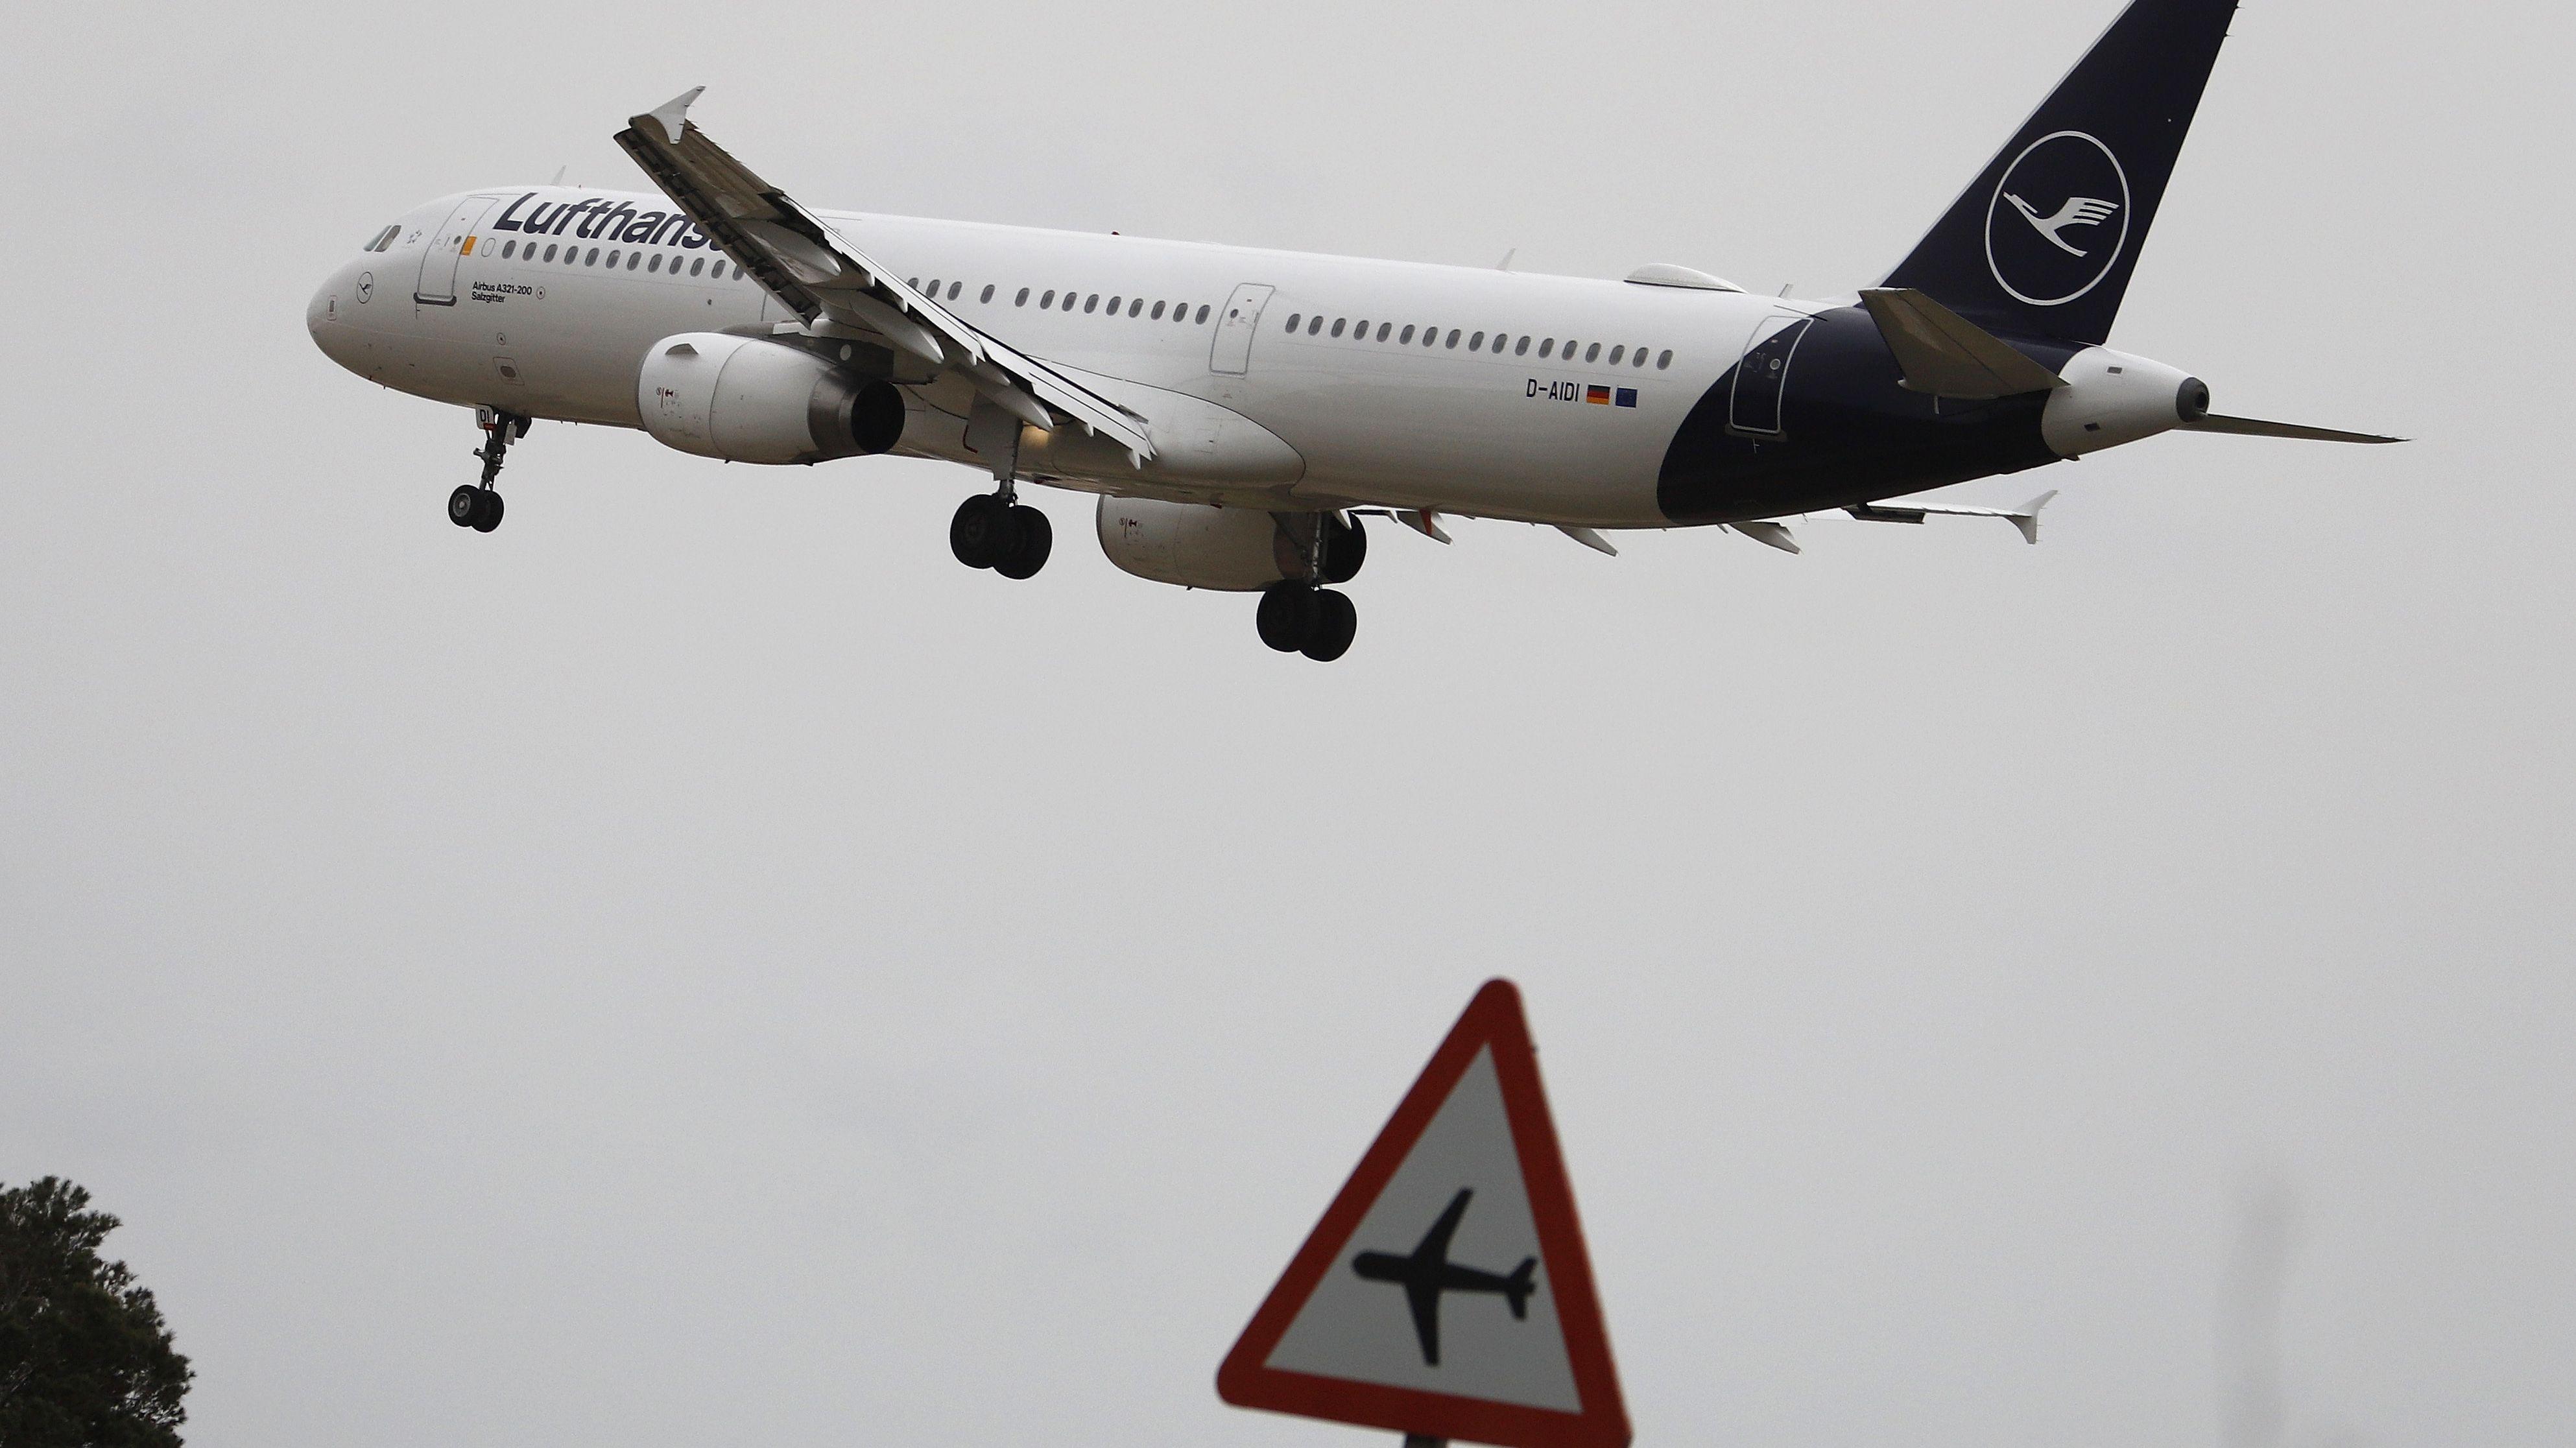 Eine Maschine der Lufthansa startet vom Flughafen in Palma de Mallorca, um gestrandete Deutsche nach Hause zu fliegen.